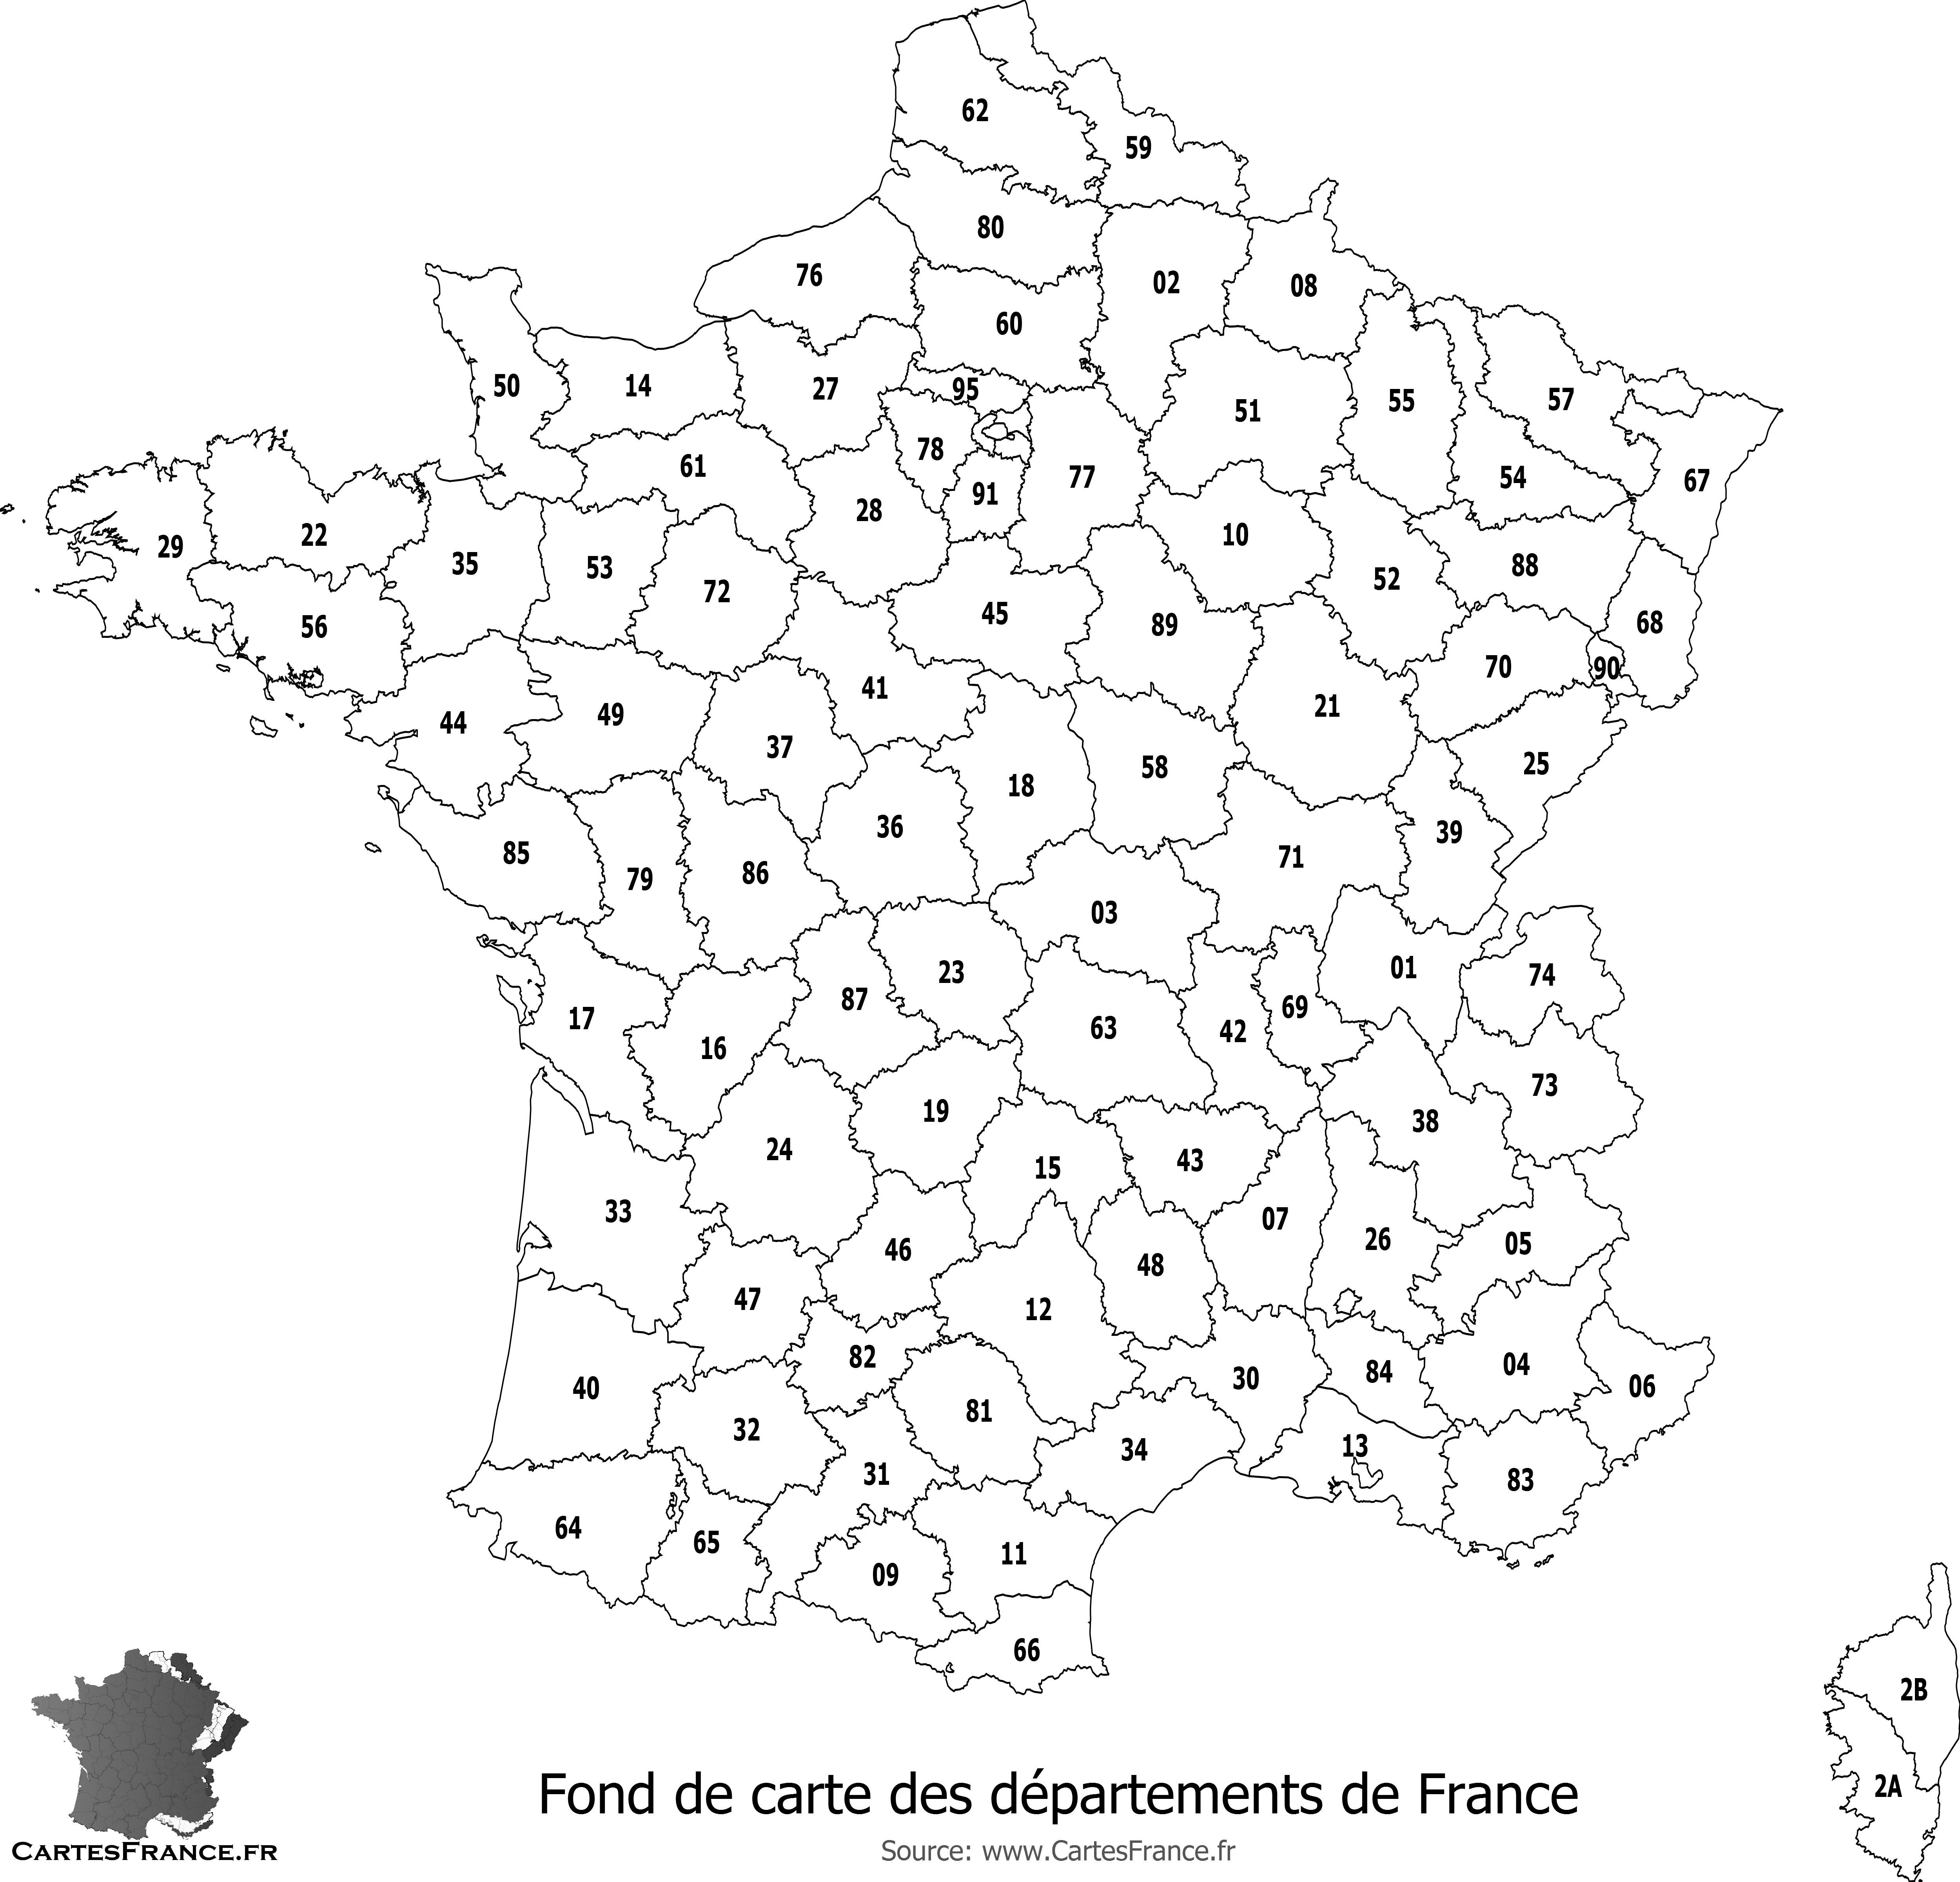 Liste des départements français avec leur numéro